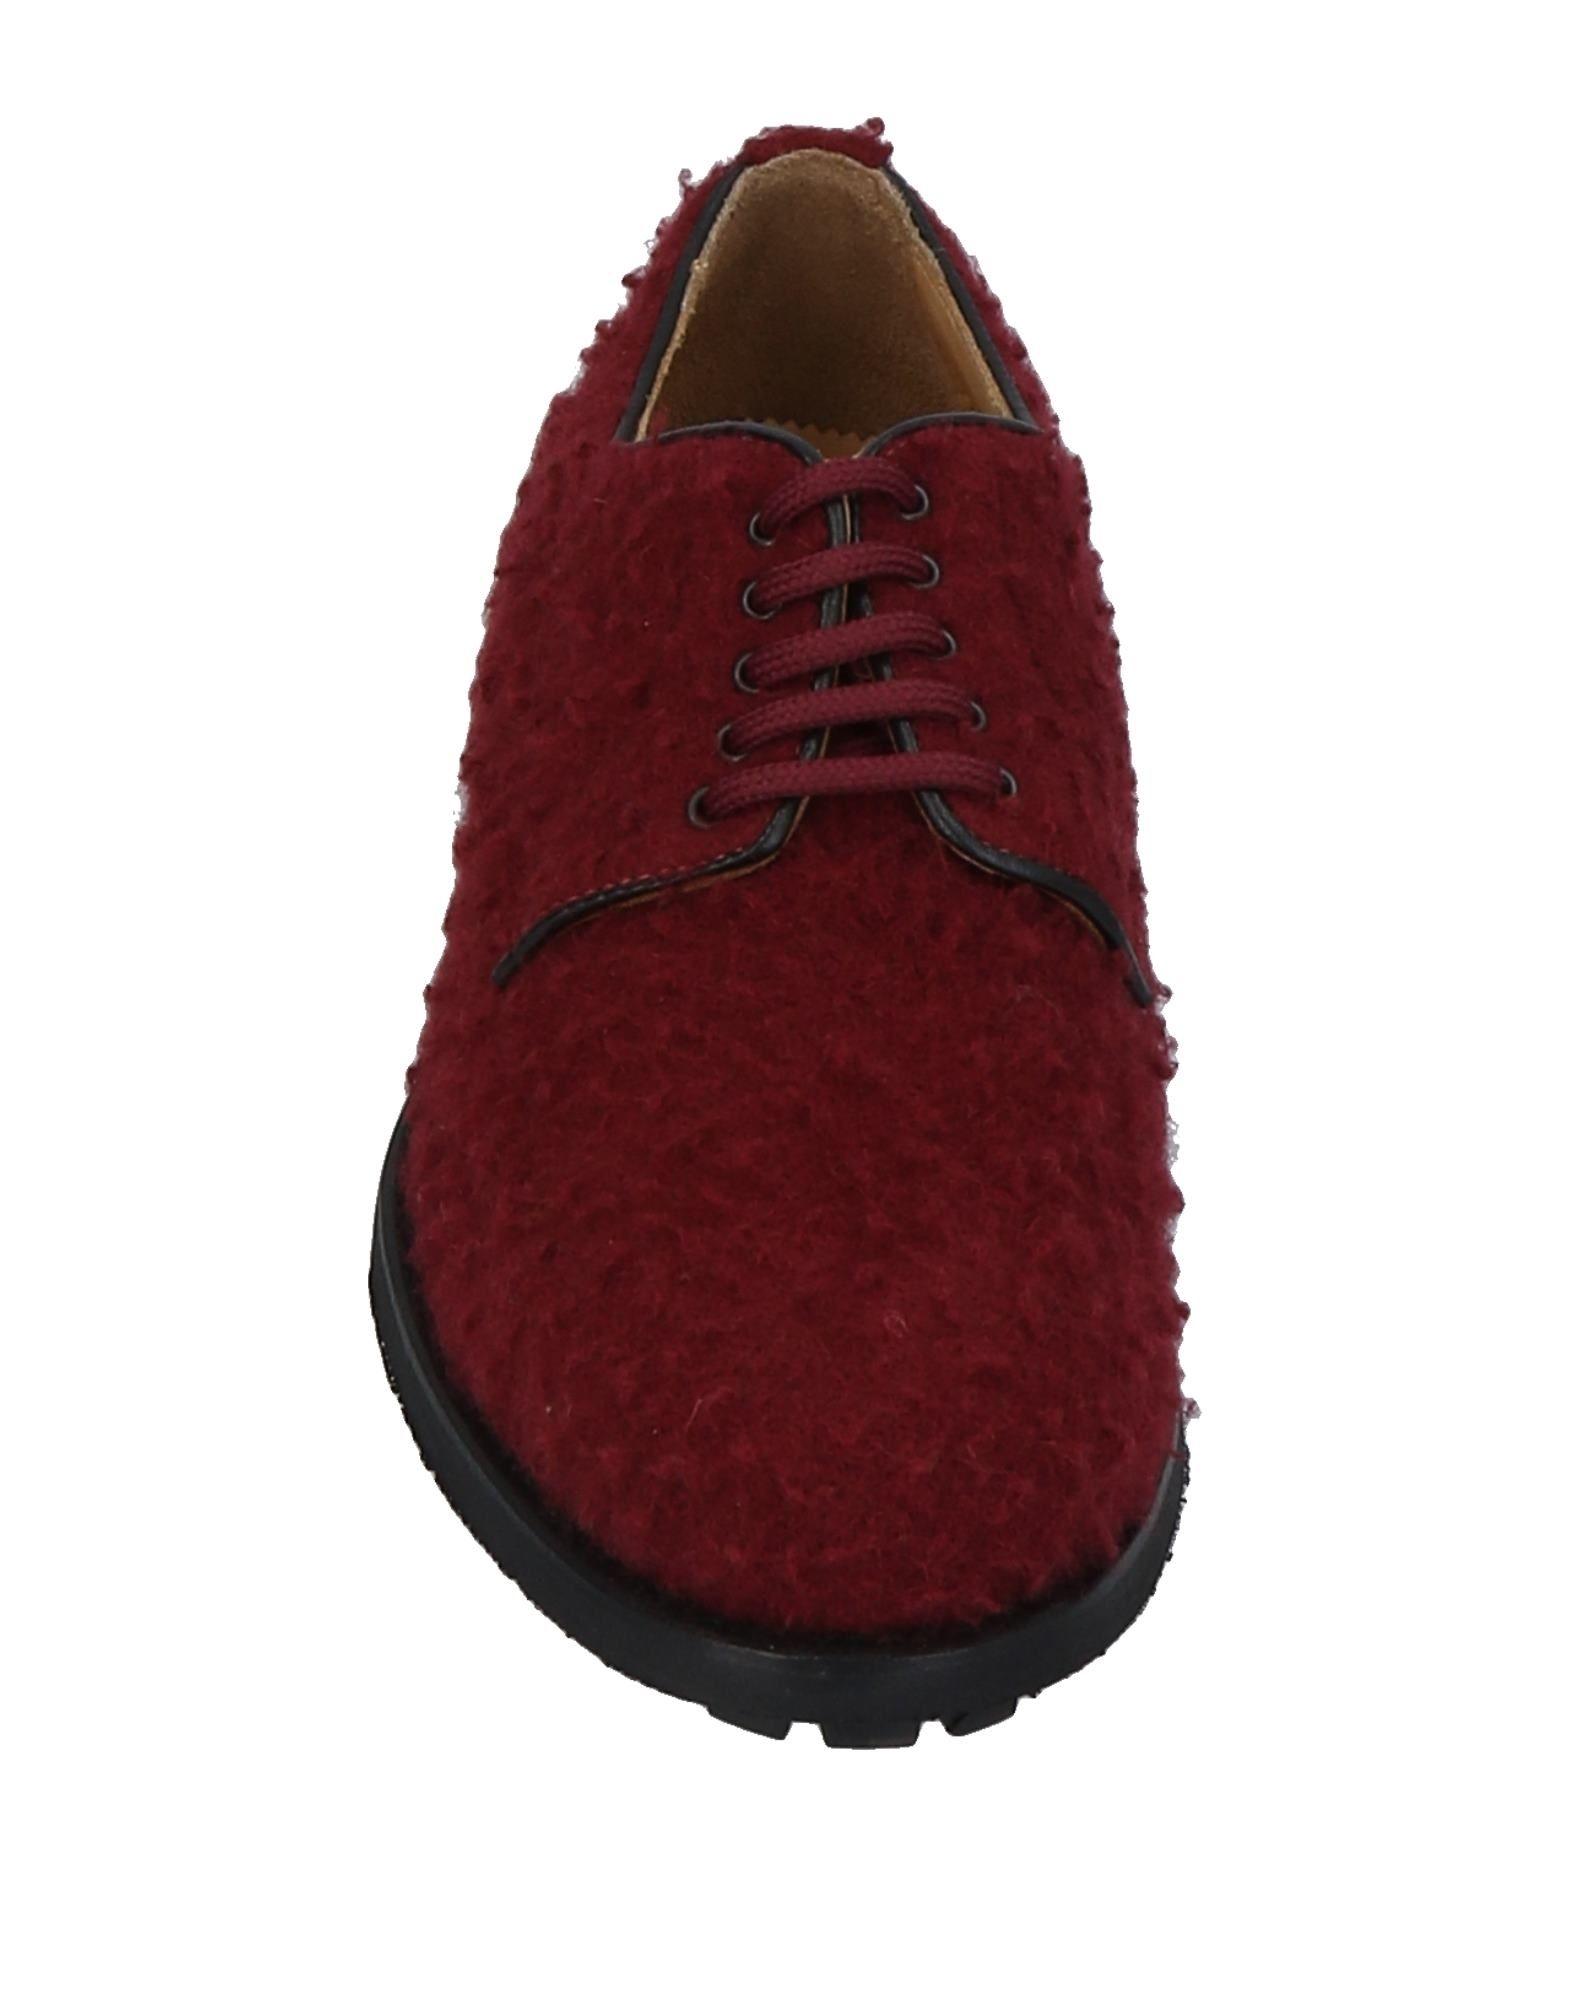 Chaussures - Chaussures À Lacets Aranth KgIv83